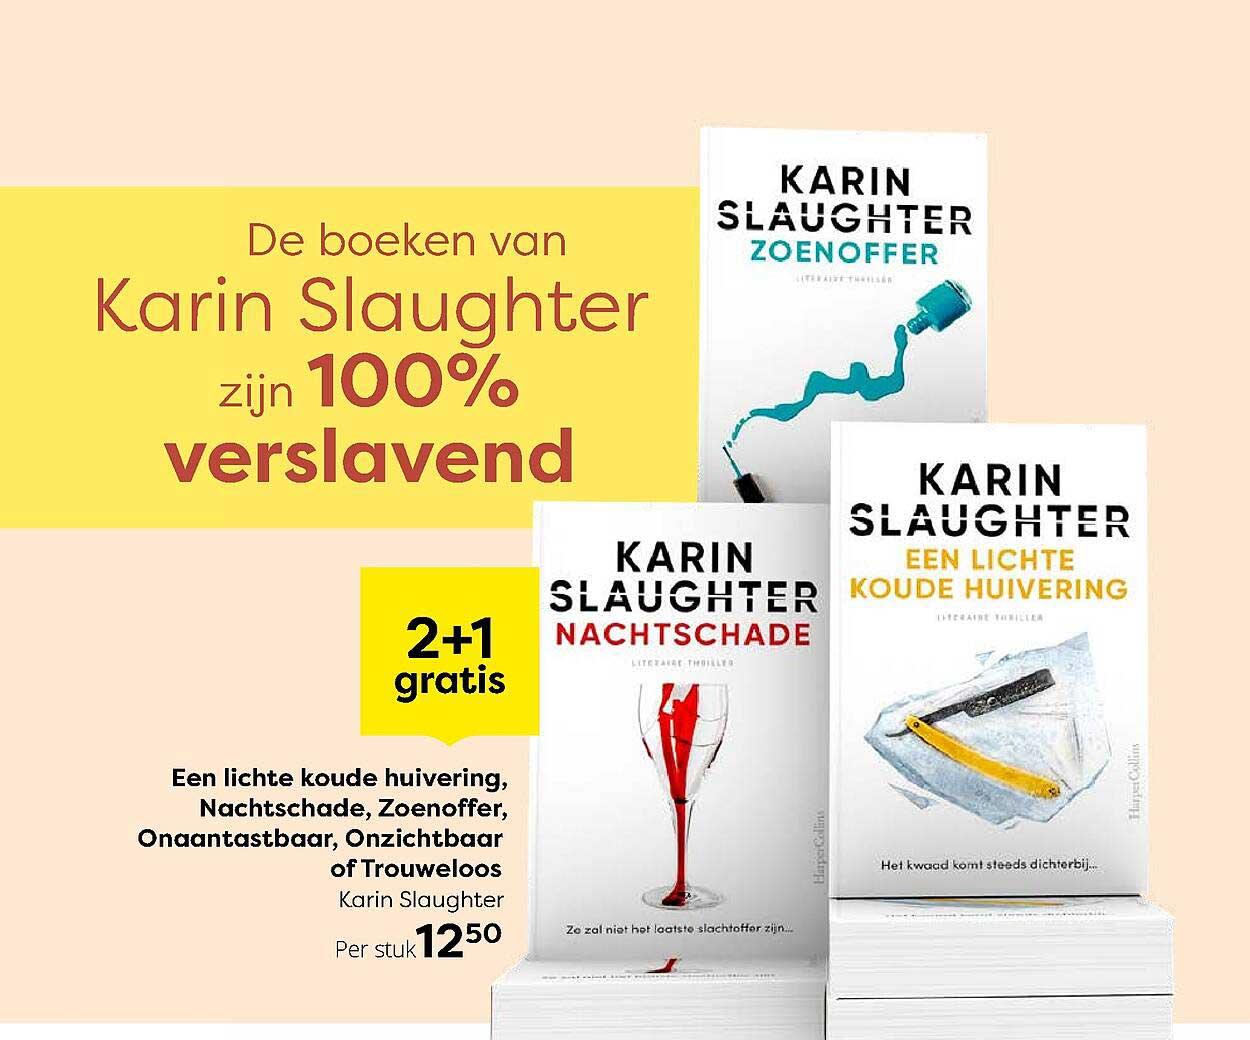 The Read Shop Een Lichte Koude Huivering, Nachtschade, Zoenoffer, Onaantastbaar, Onzichtbaar Of Trouweloos Karin Slaughter